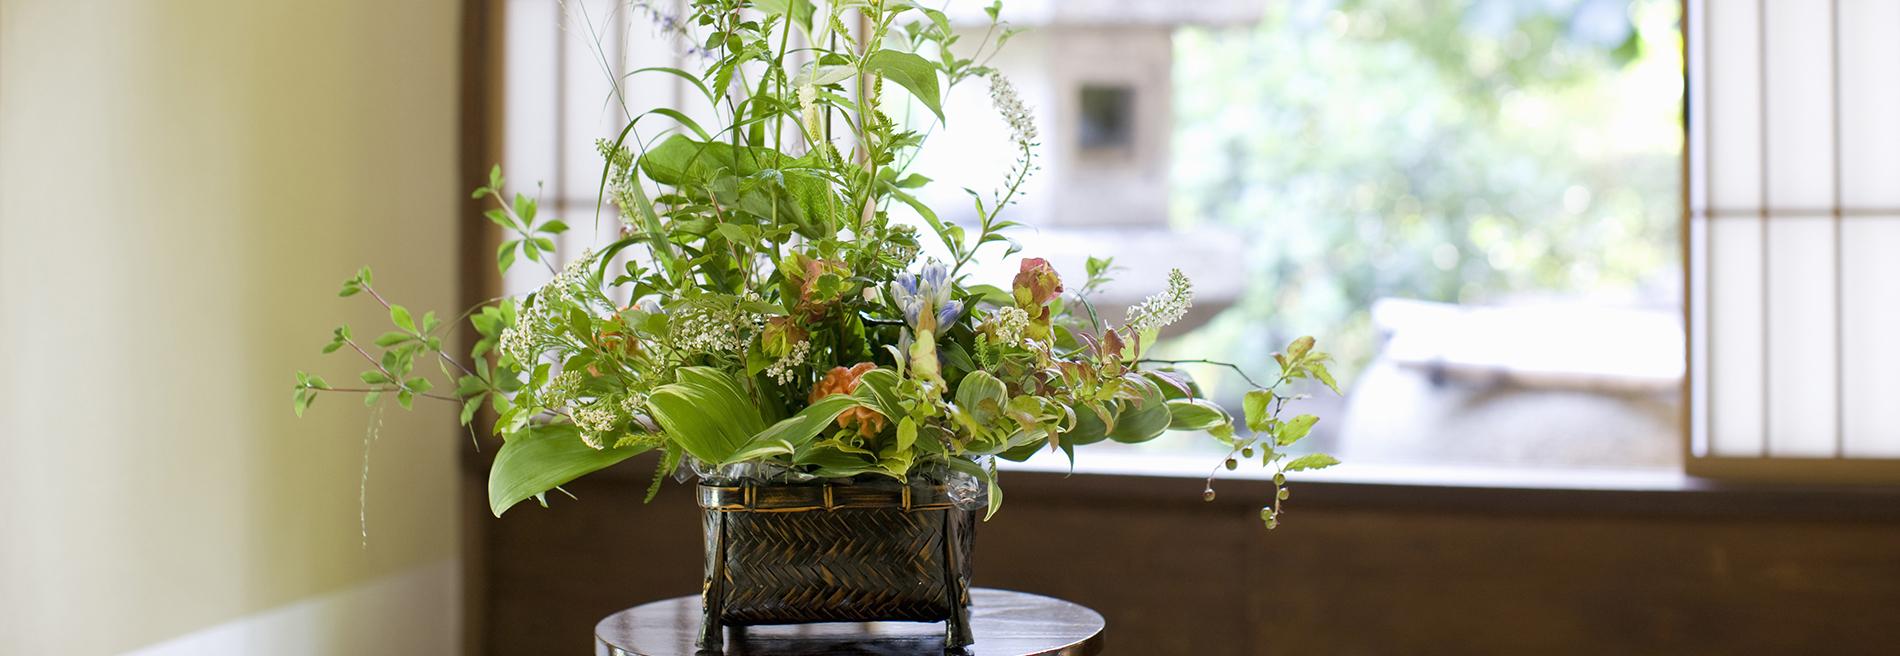 お花を便利に。もっと身近に。松庄花壇トップページスライドショー画像1